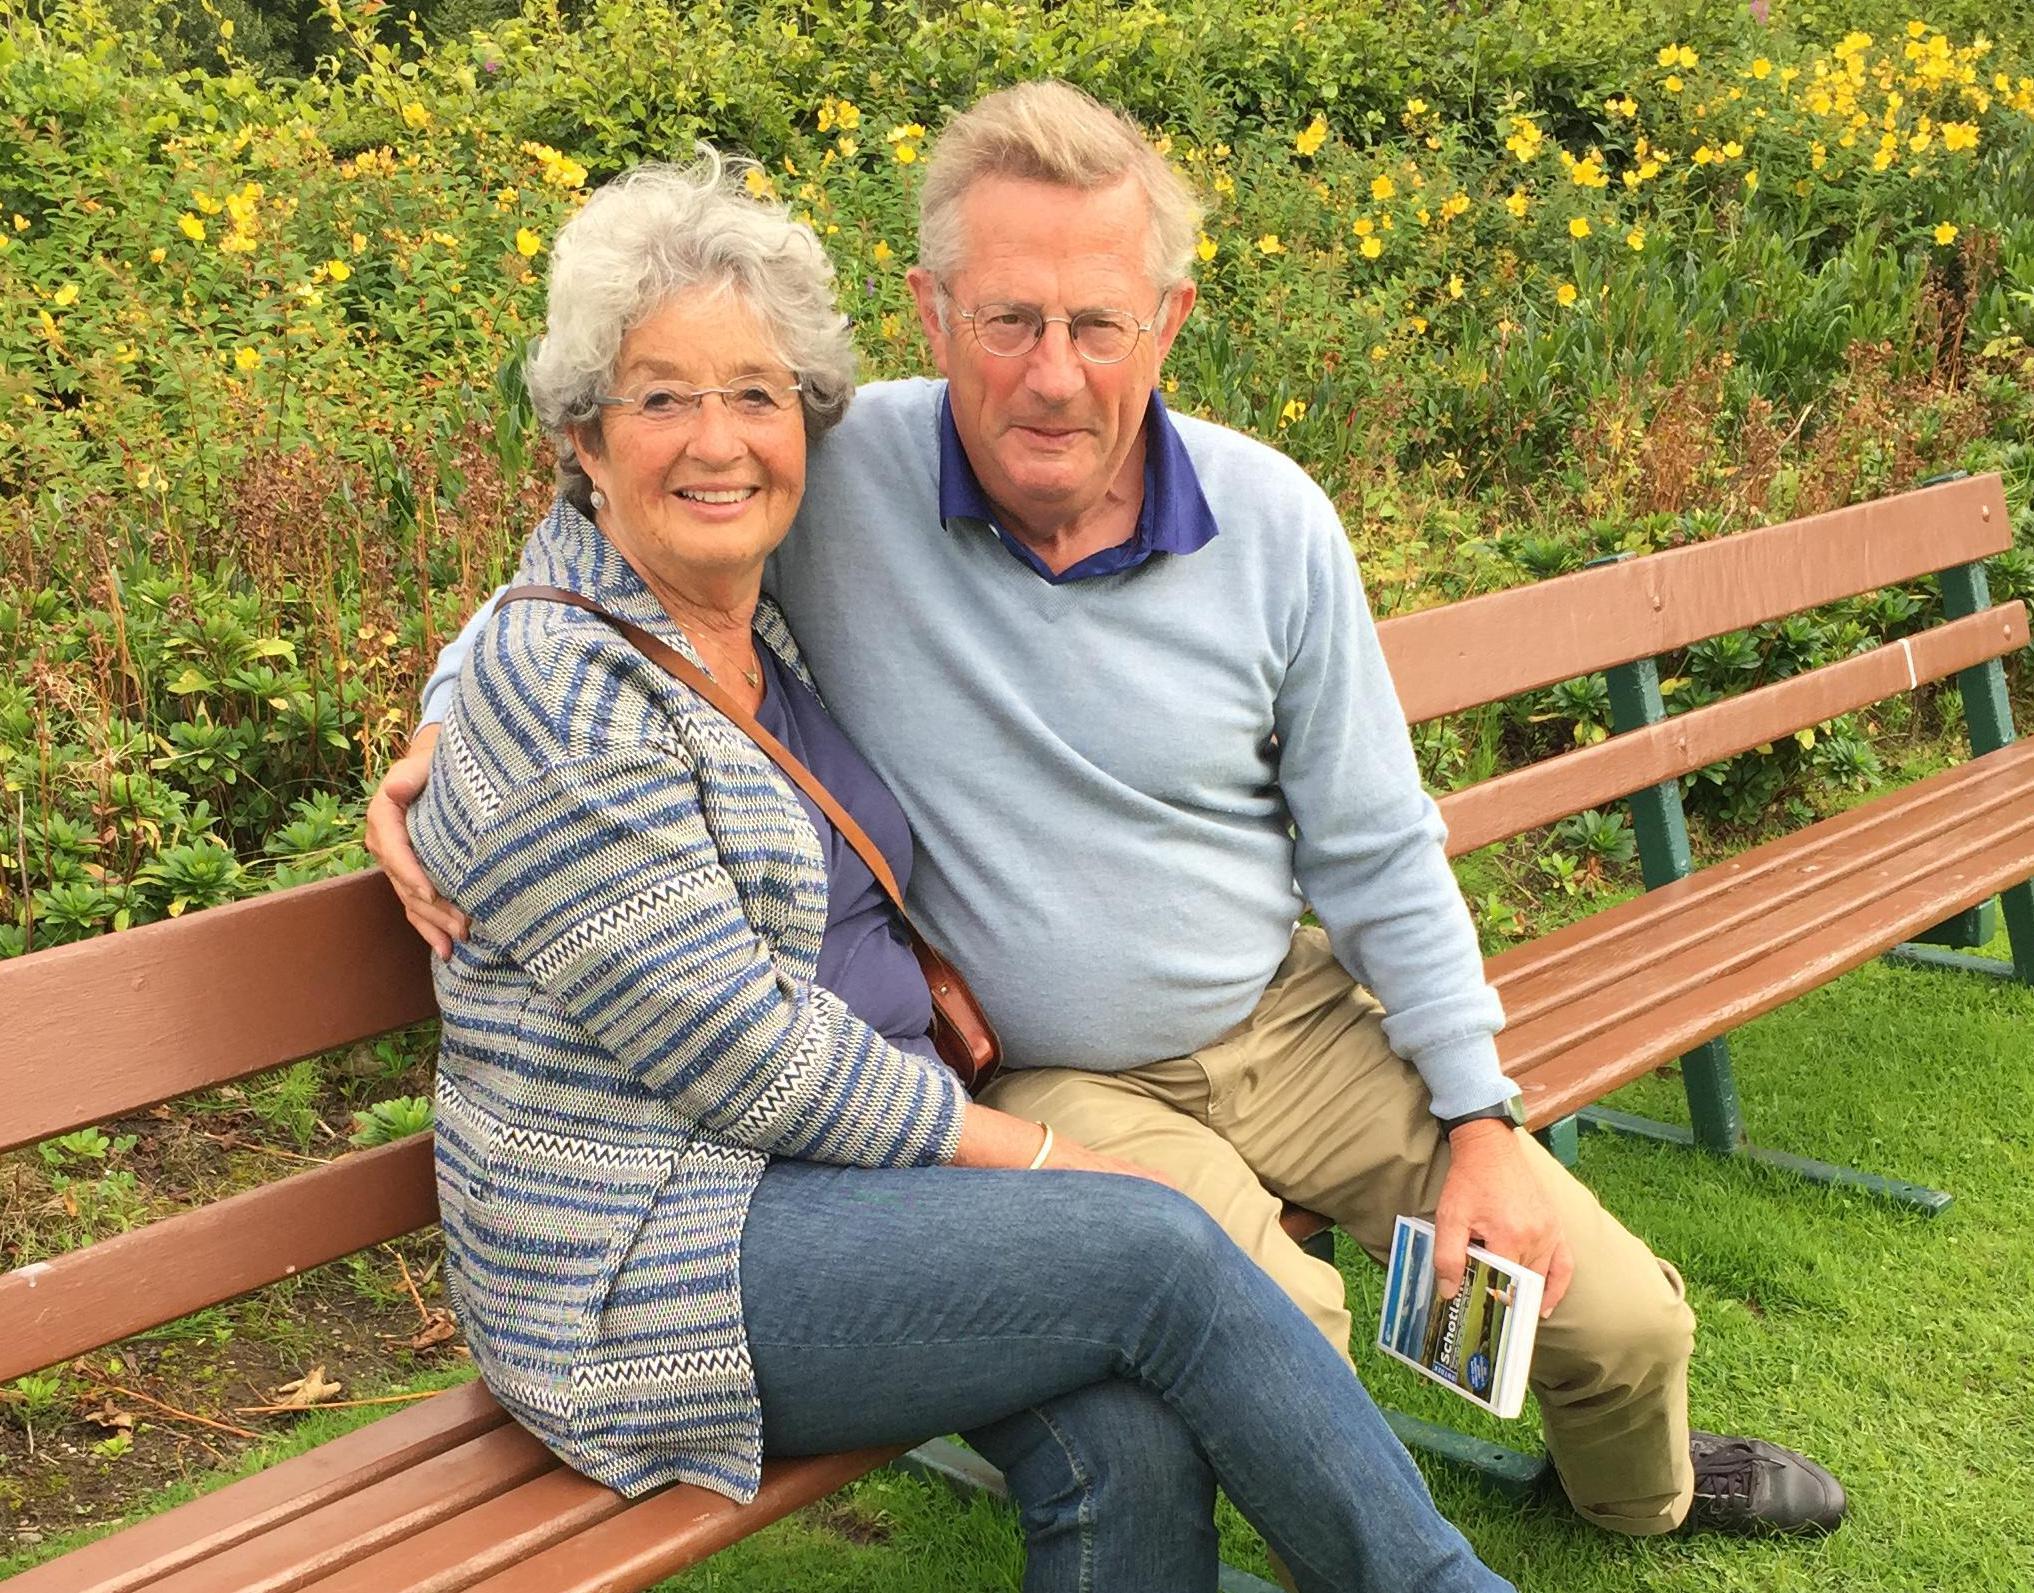 AOW'ers Hein en Corine Muller vragen ouderen hun vakantiegeld te schenken aan culturele sector; 'We kunnen niet op vakantie, maar wel iets terugdoen voor maatschappij'